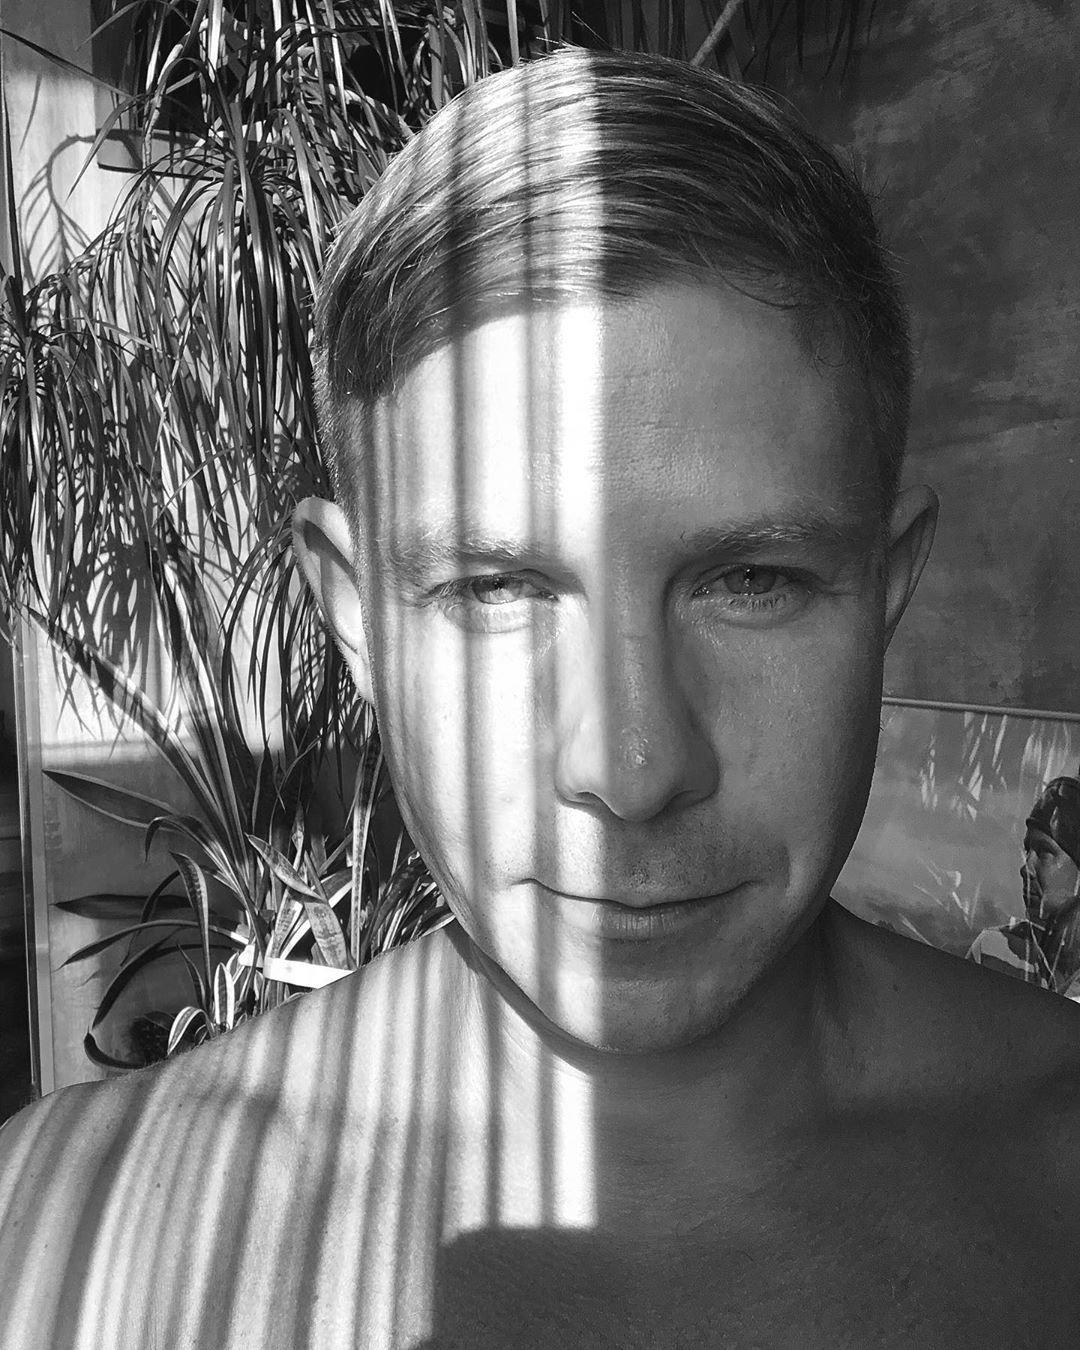 Митя Фомин сделал обнажённое фото в душе